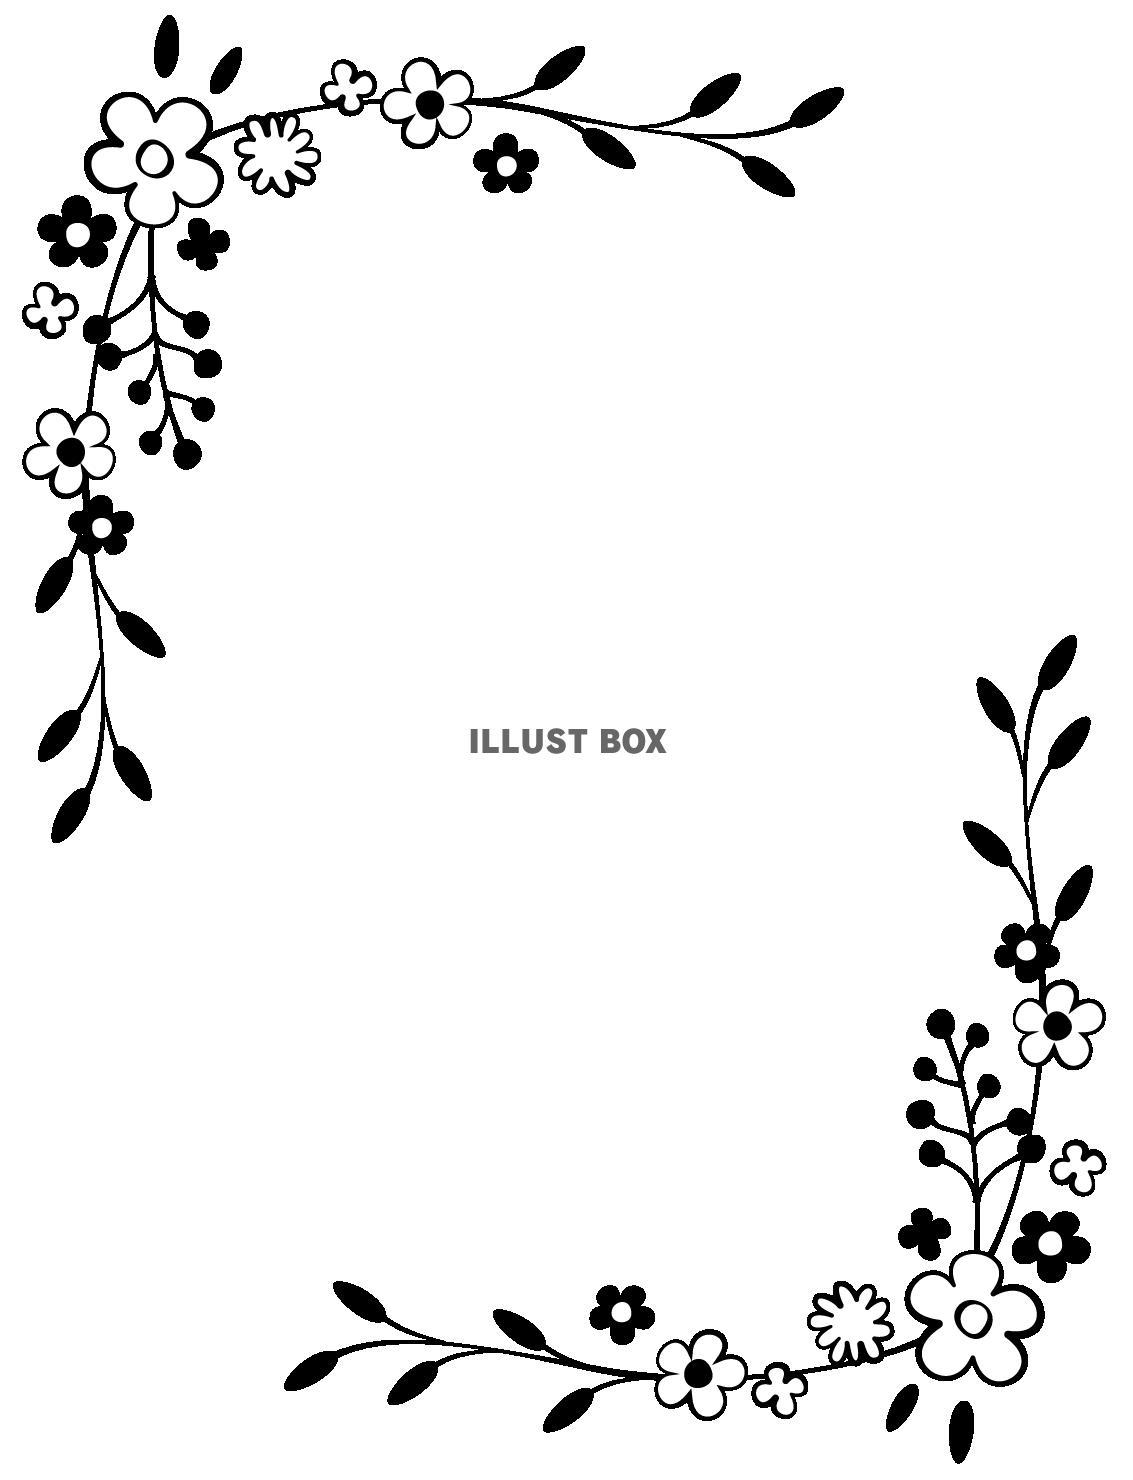 無料イラスト 透過 手書きのお花のフレーム枠 シンプルかわいい手描き白黒モ